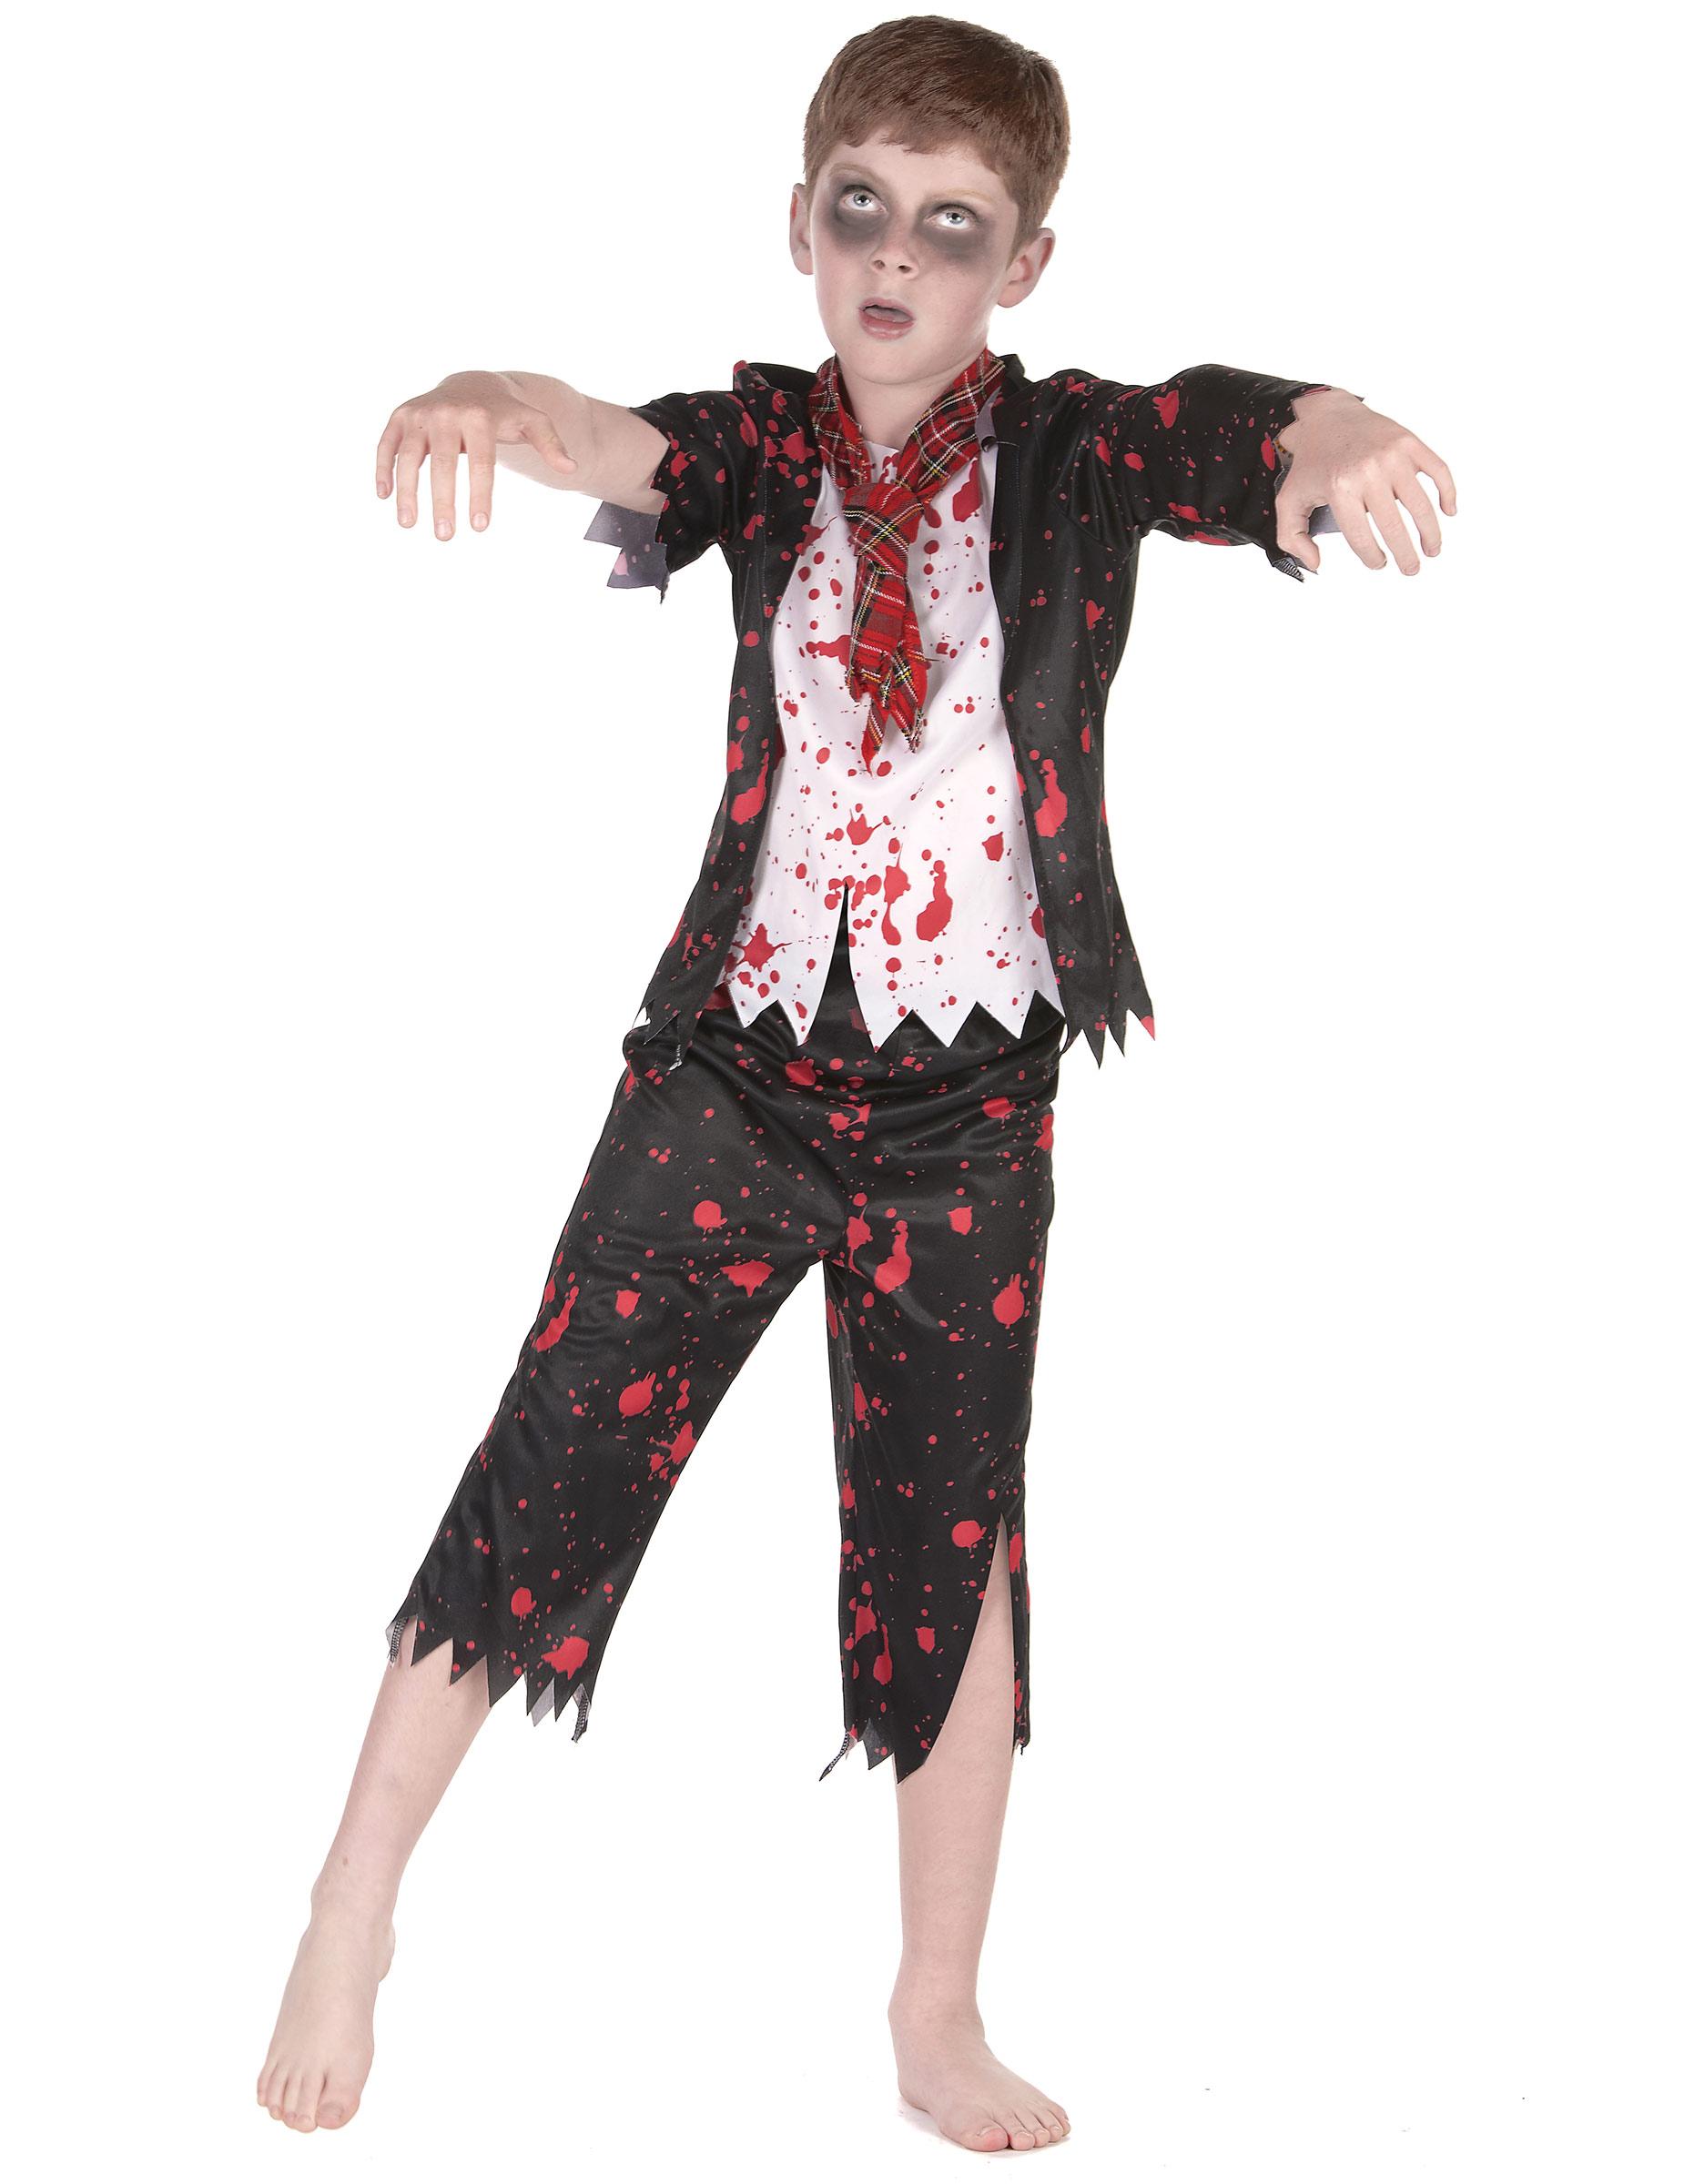 foto de Disfraz colegial zombie niño: Disfraces niños y disfraces